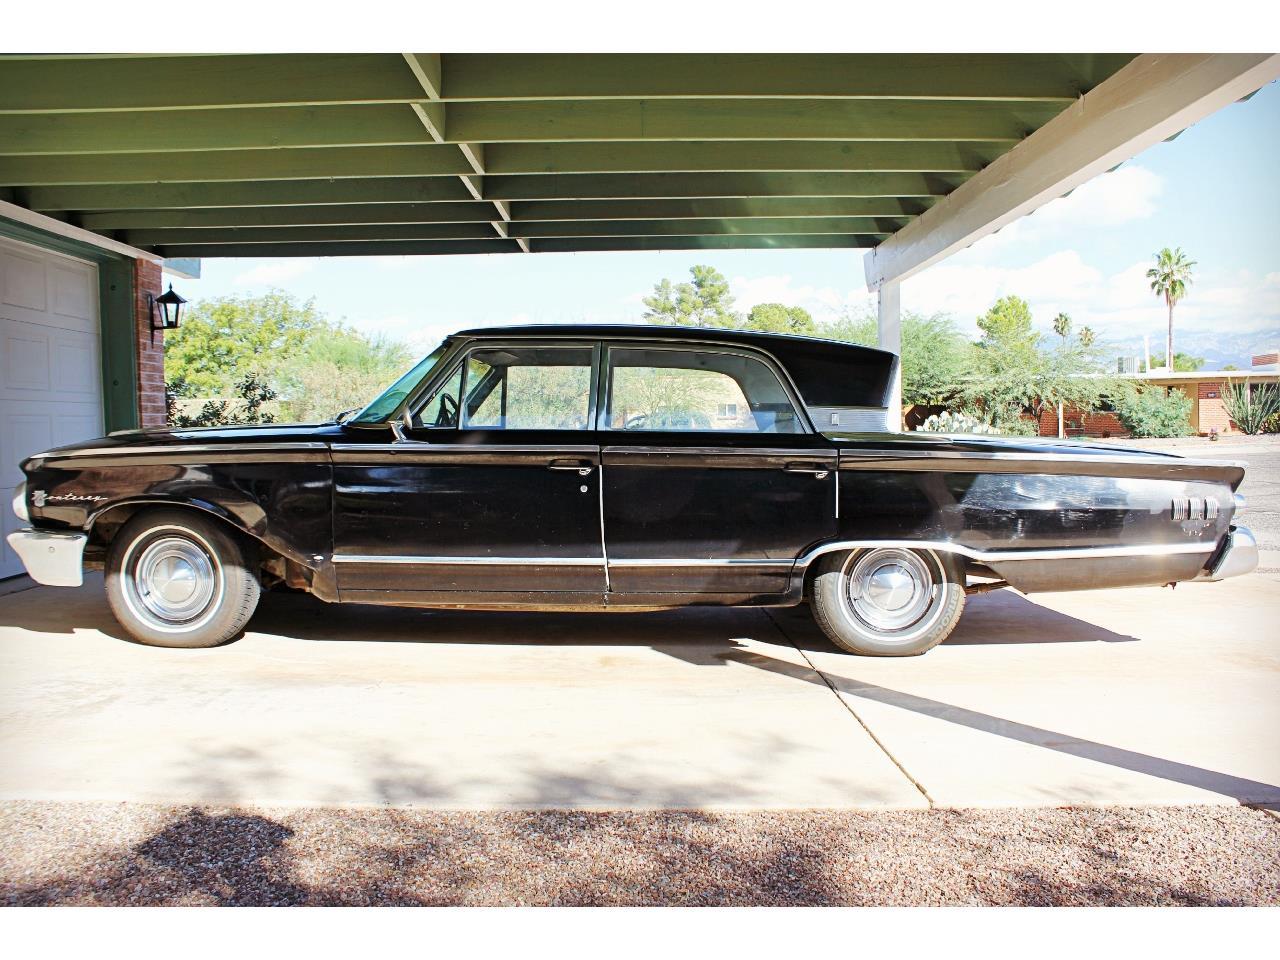 For Sale: 1963 Mercury Monterey in Tucson, Arizona